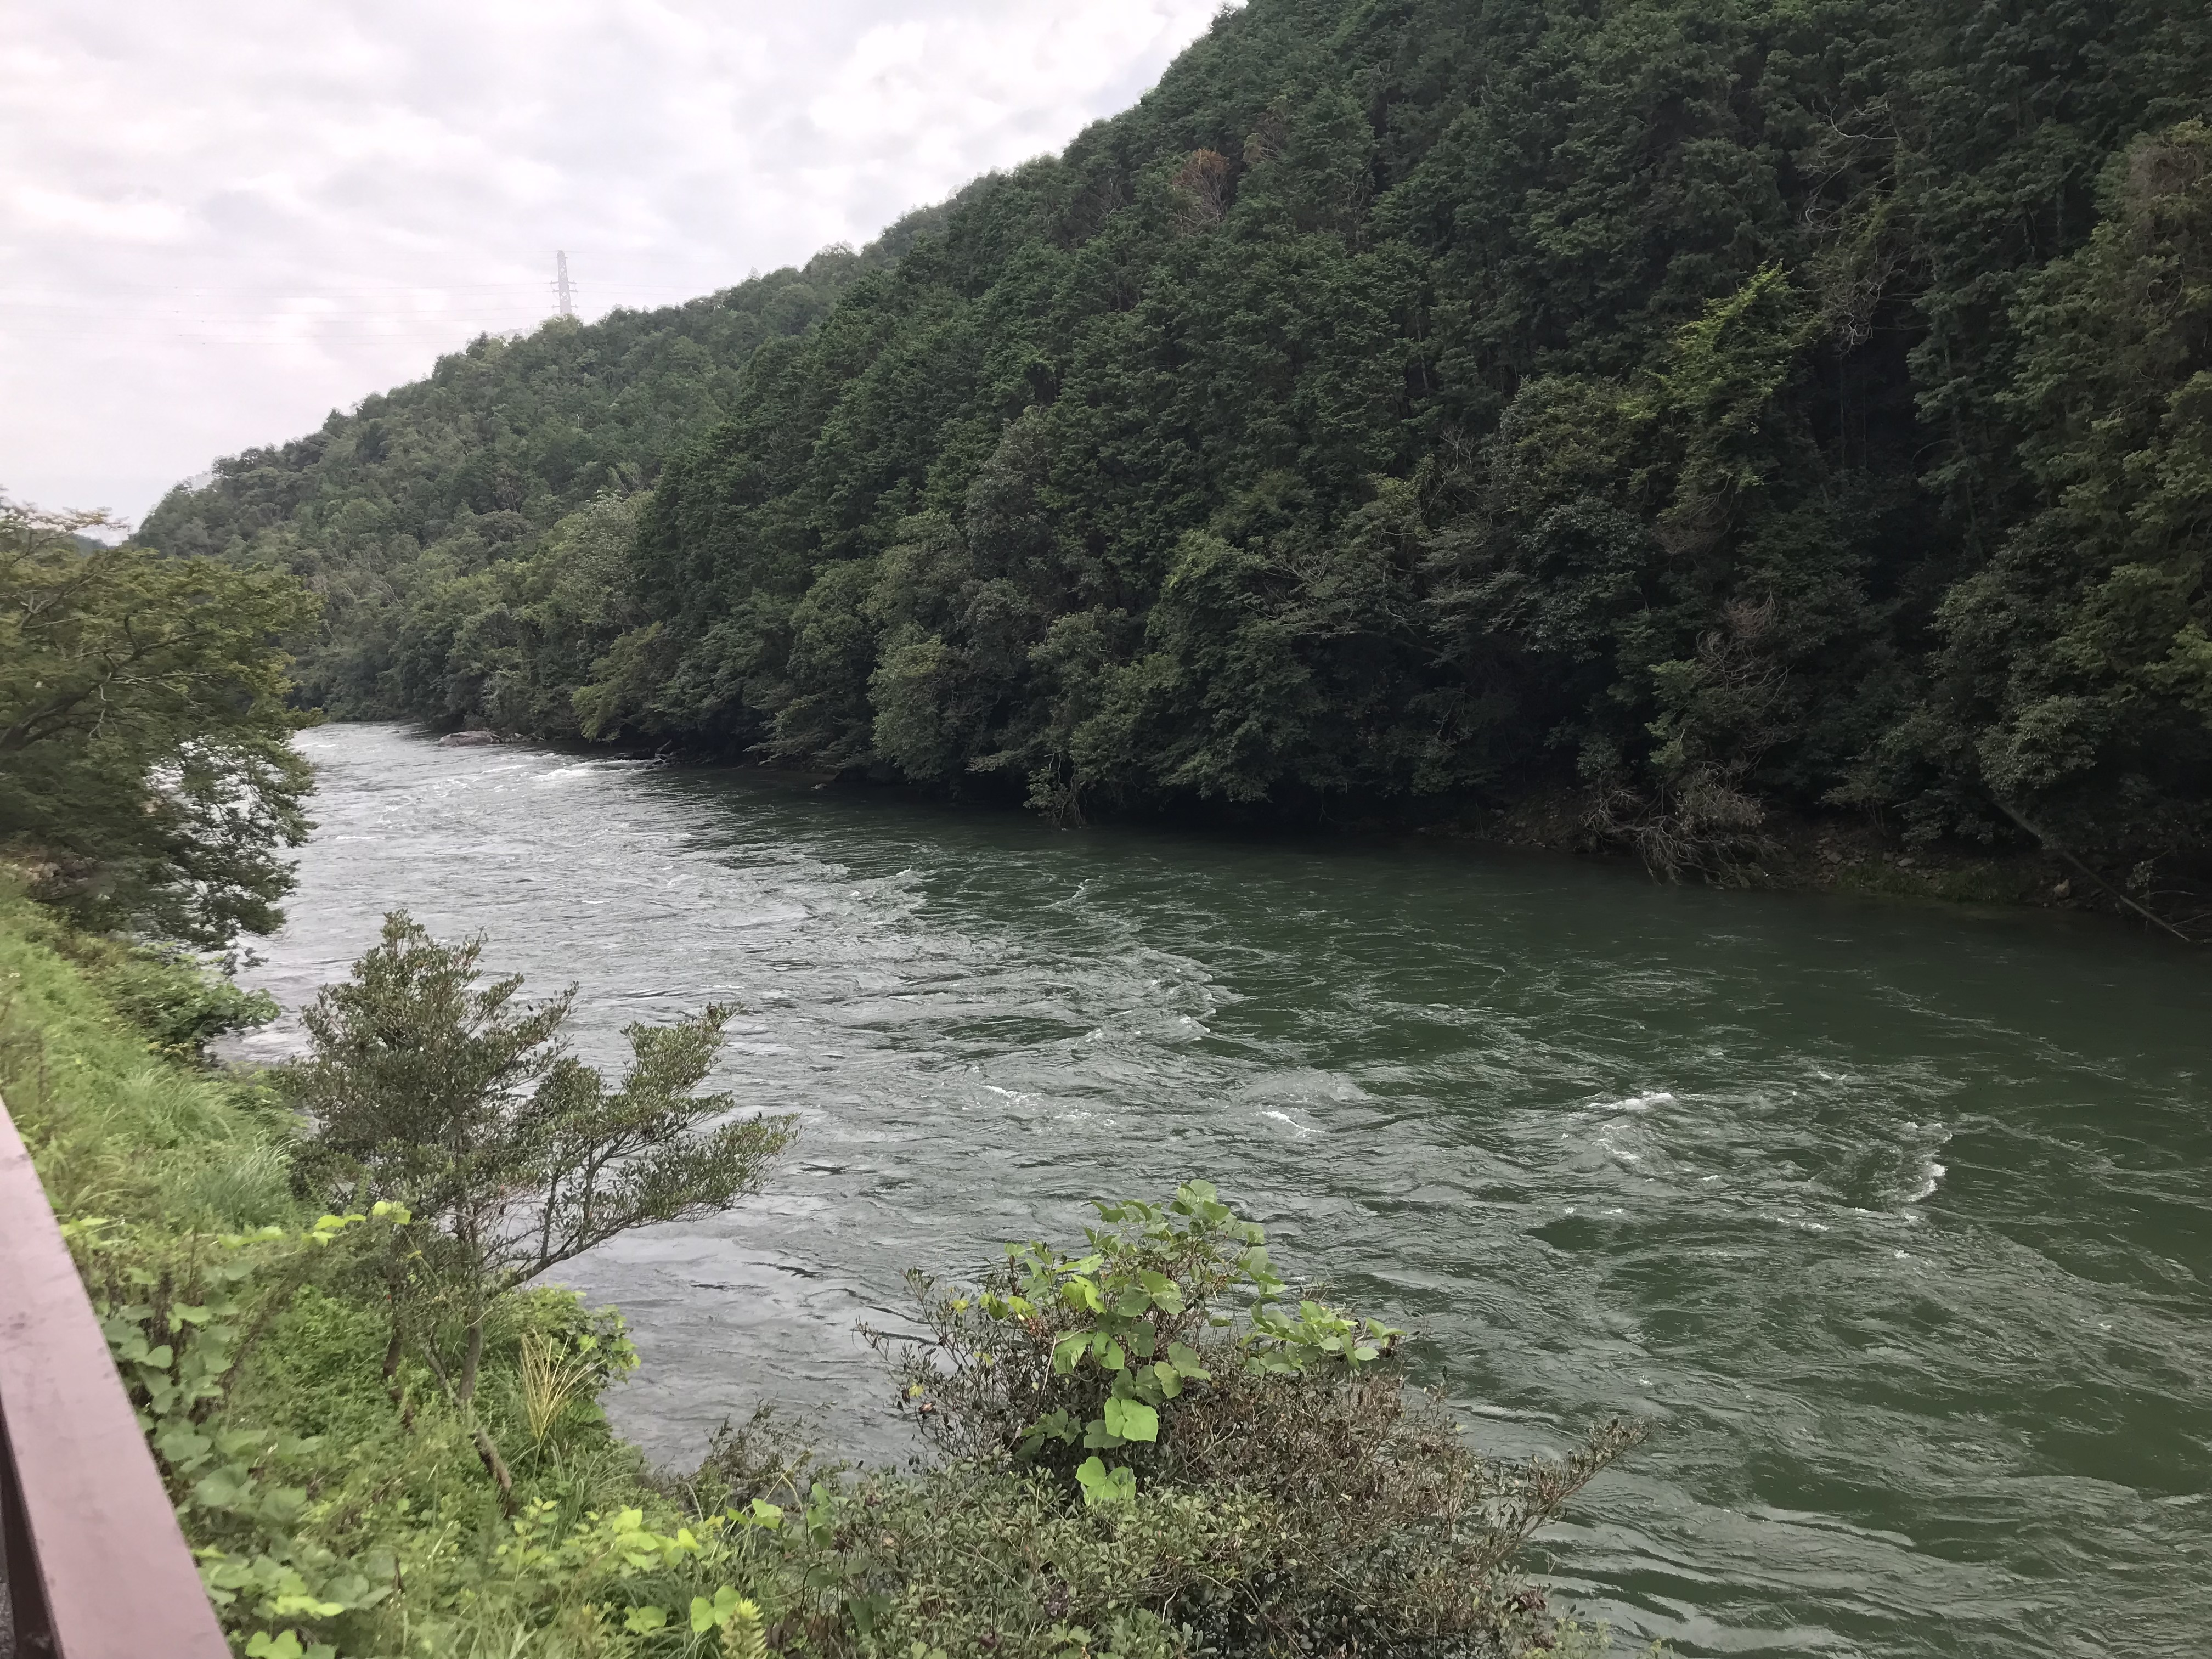 ハーレーとカワサキで行く近江八幡ツーリング 瀬田川